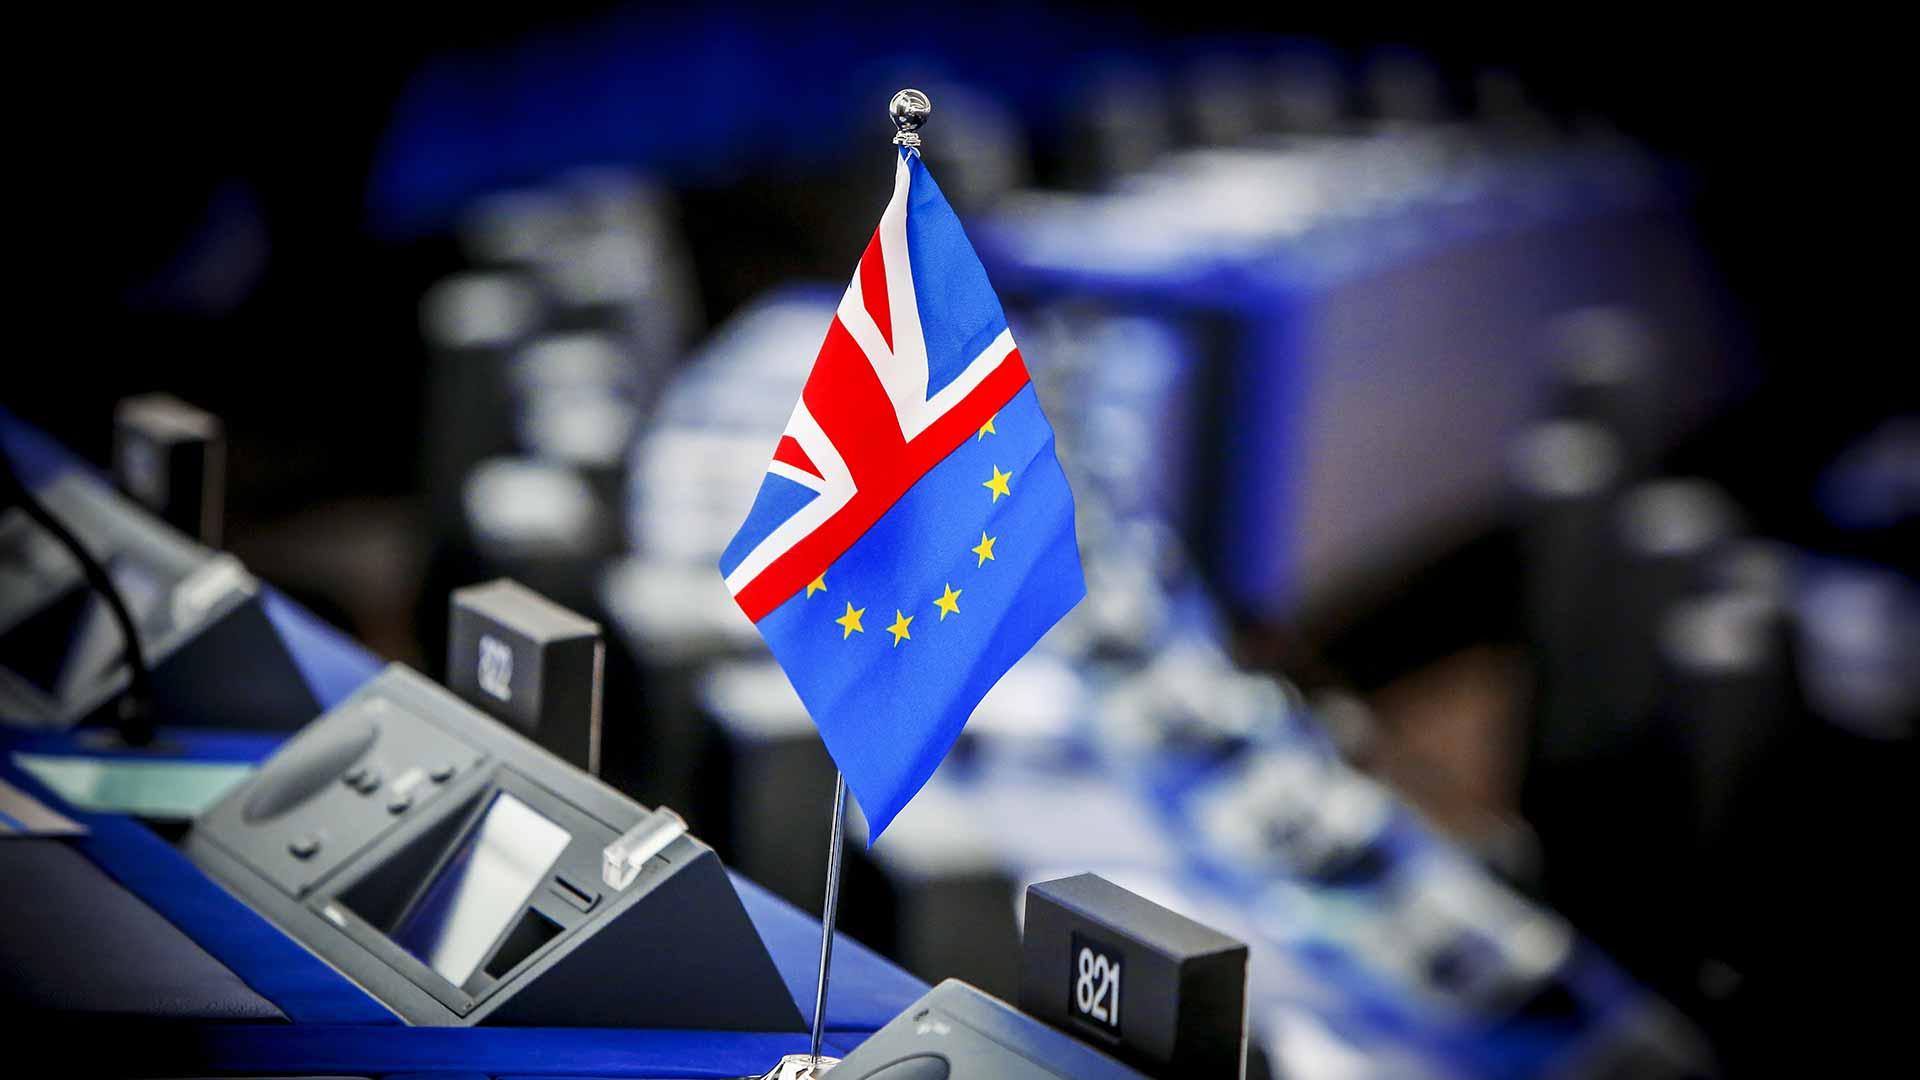 BREXIT EU UK flag